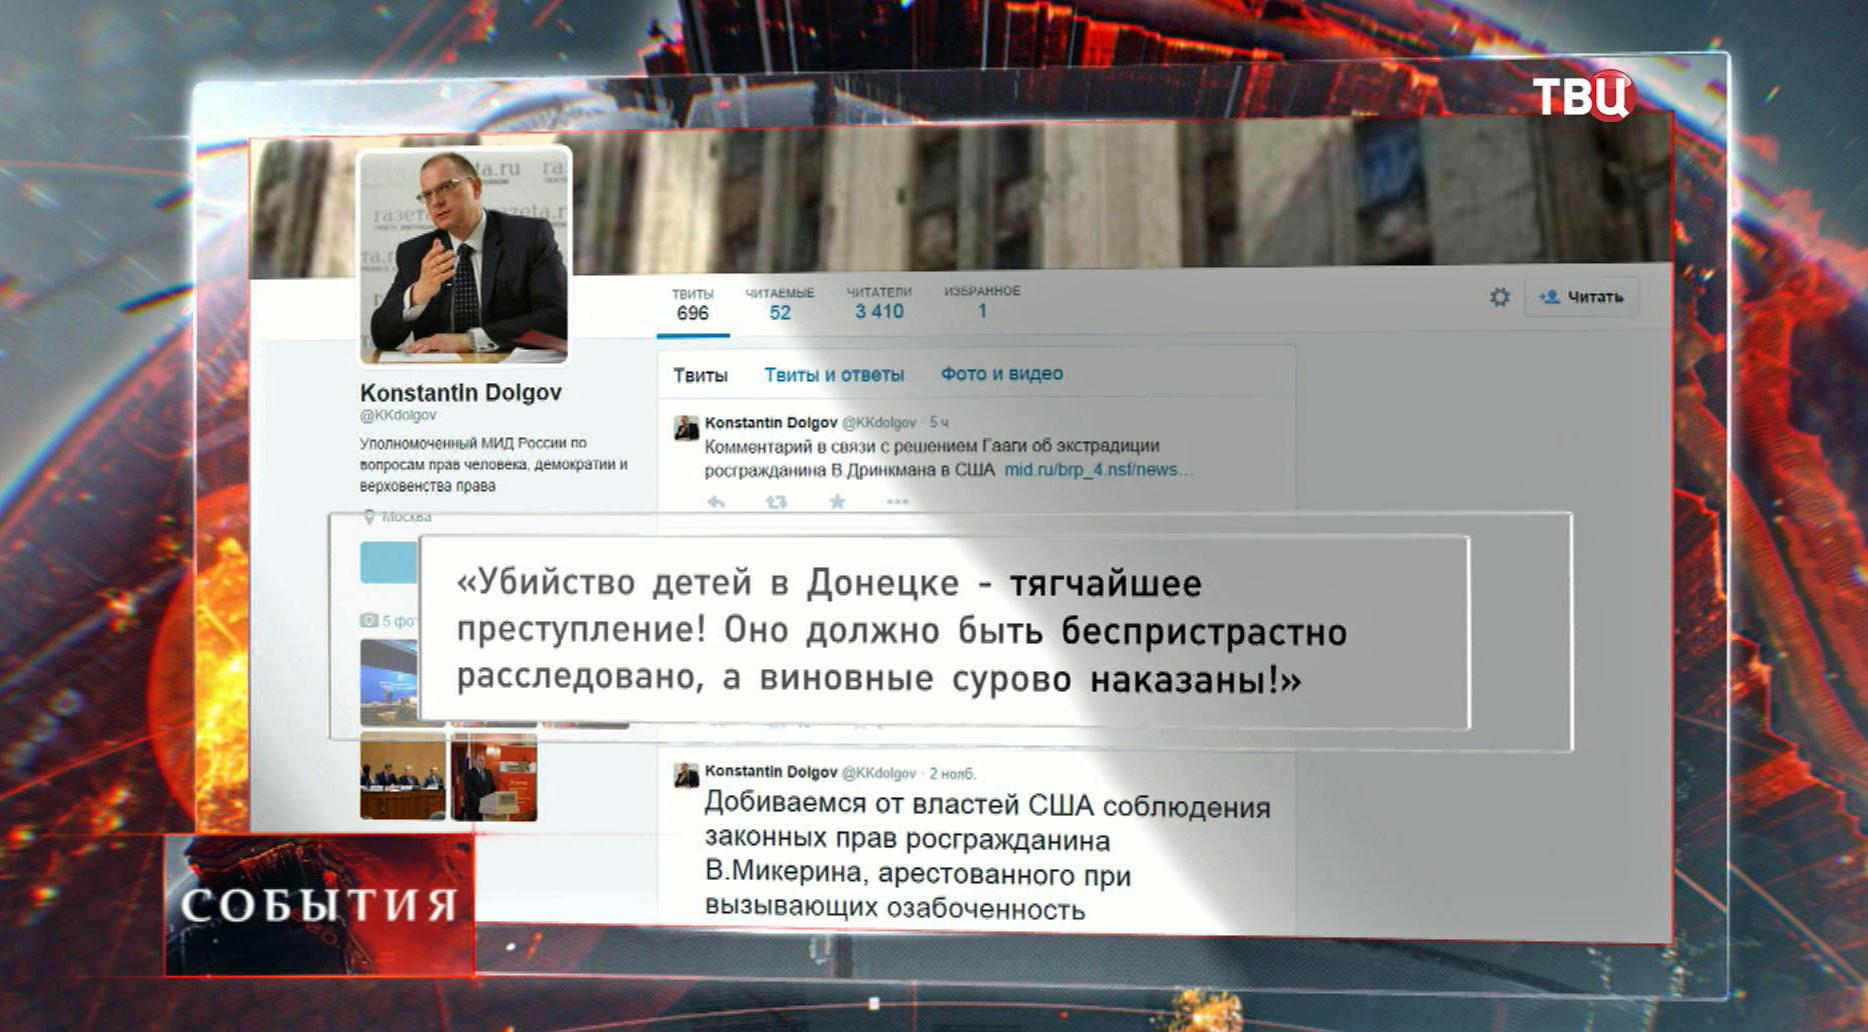 Слова Константина Долгова в Twitter